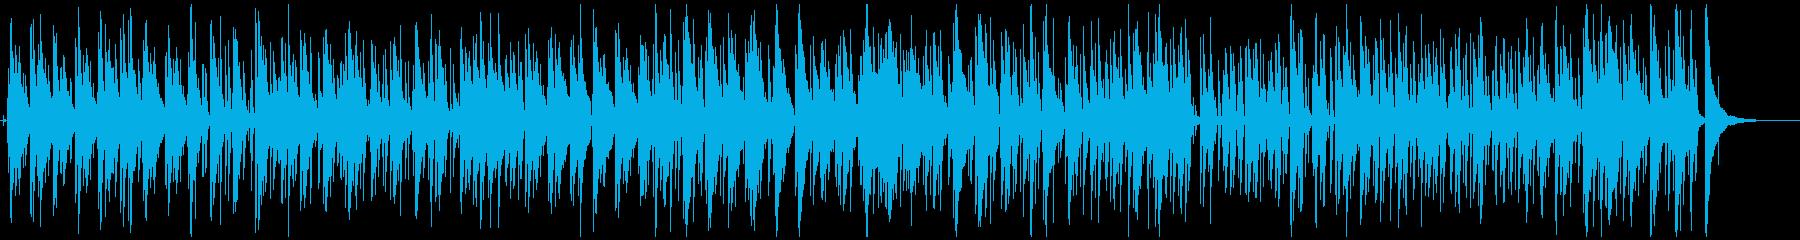 カフェ-ディナーくつろぎのジャズの再生済みの波形